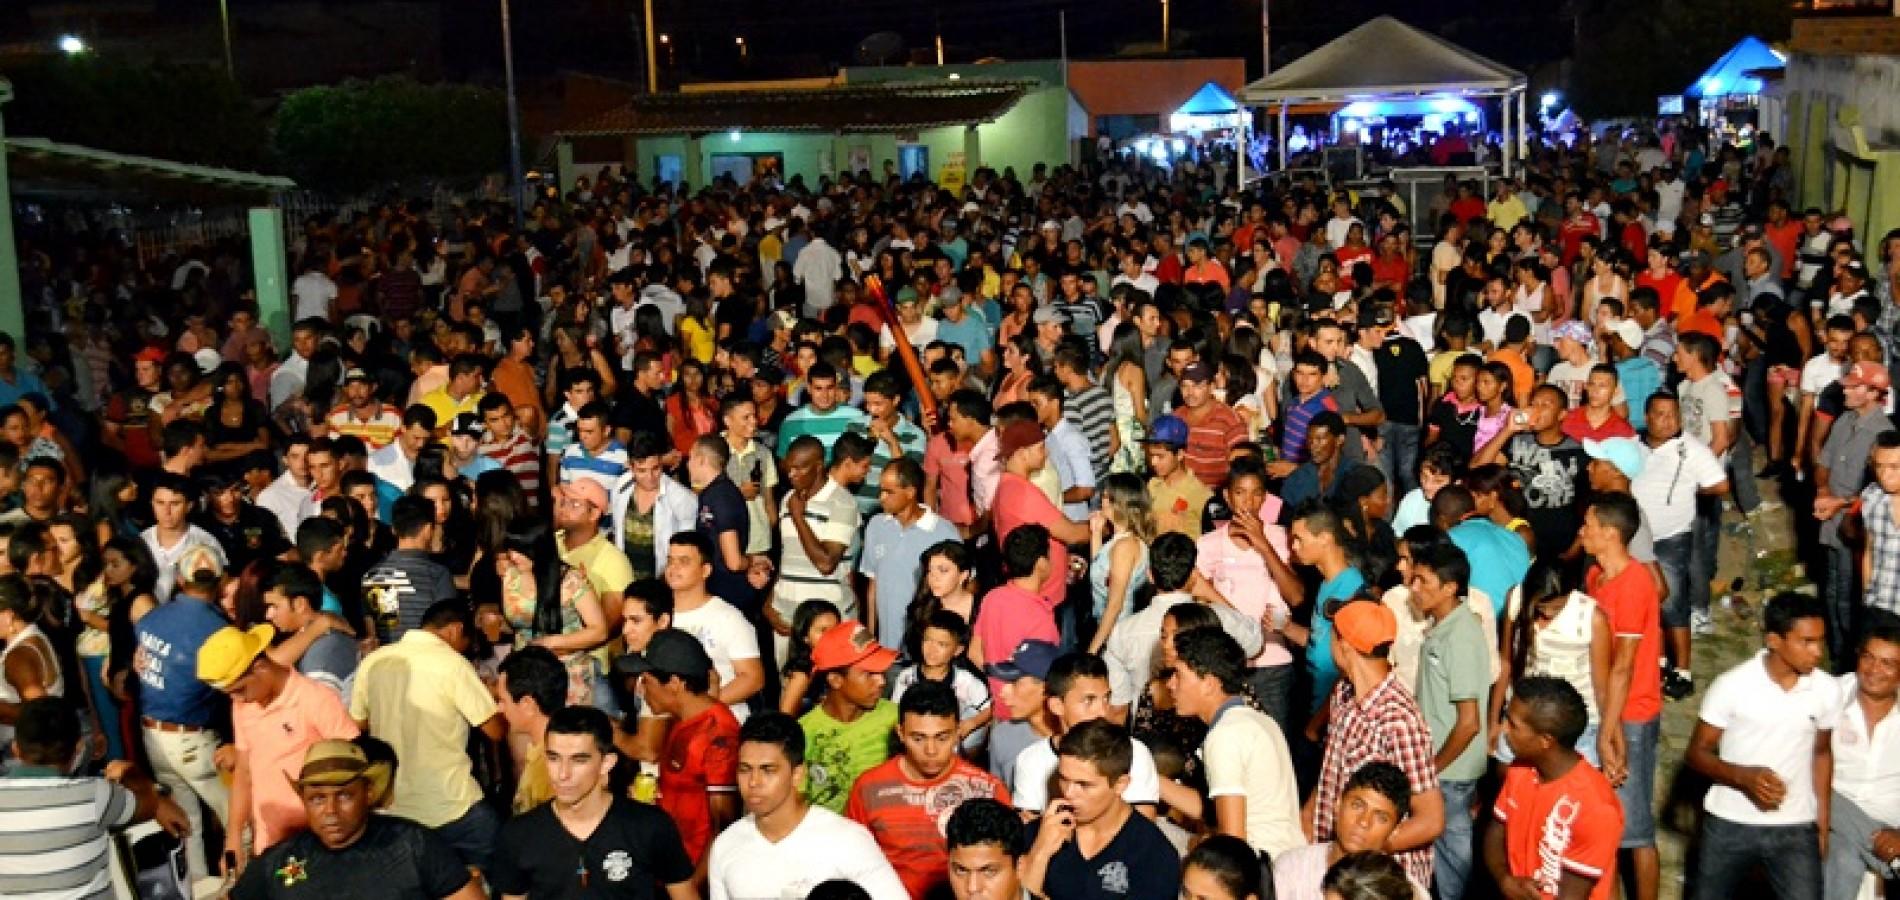 FOTOS: Show de Caninana do Forró em Belém do Piauí